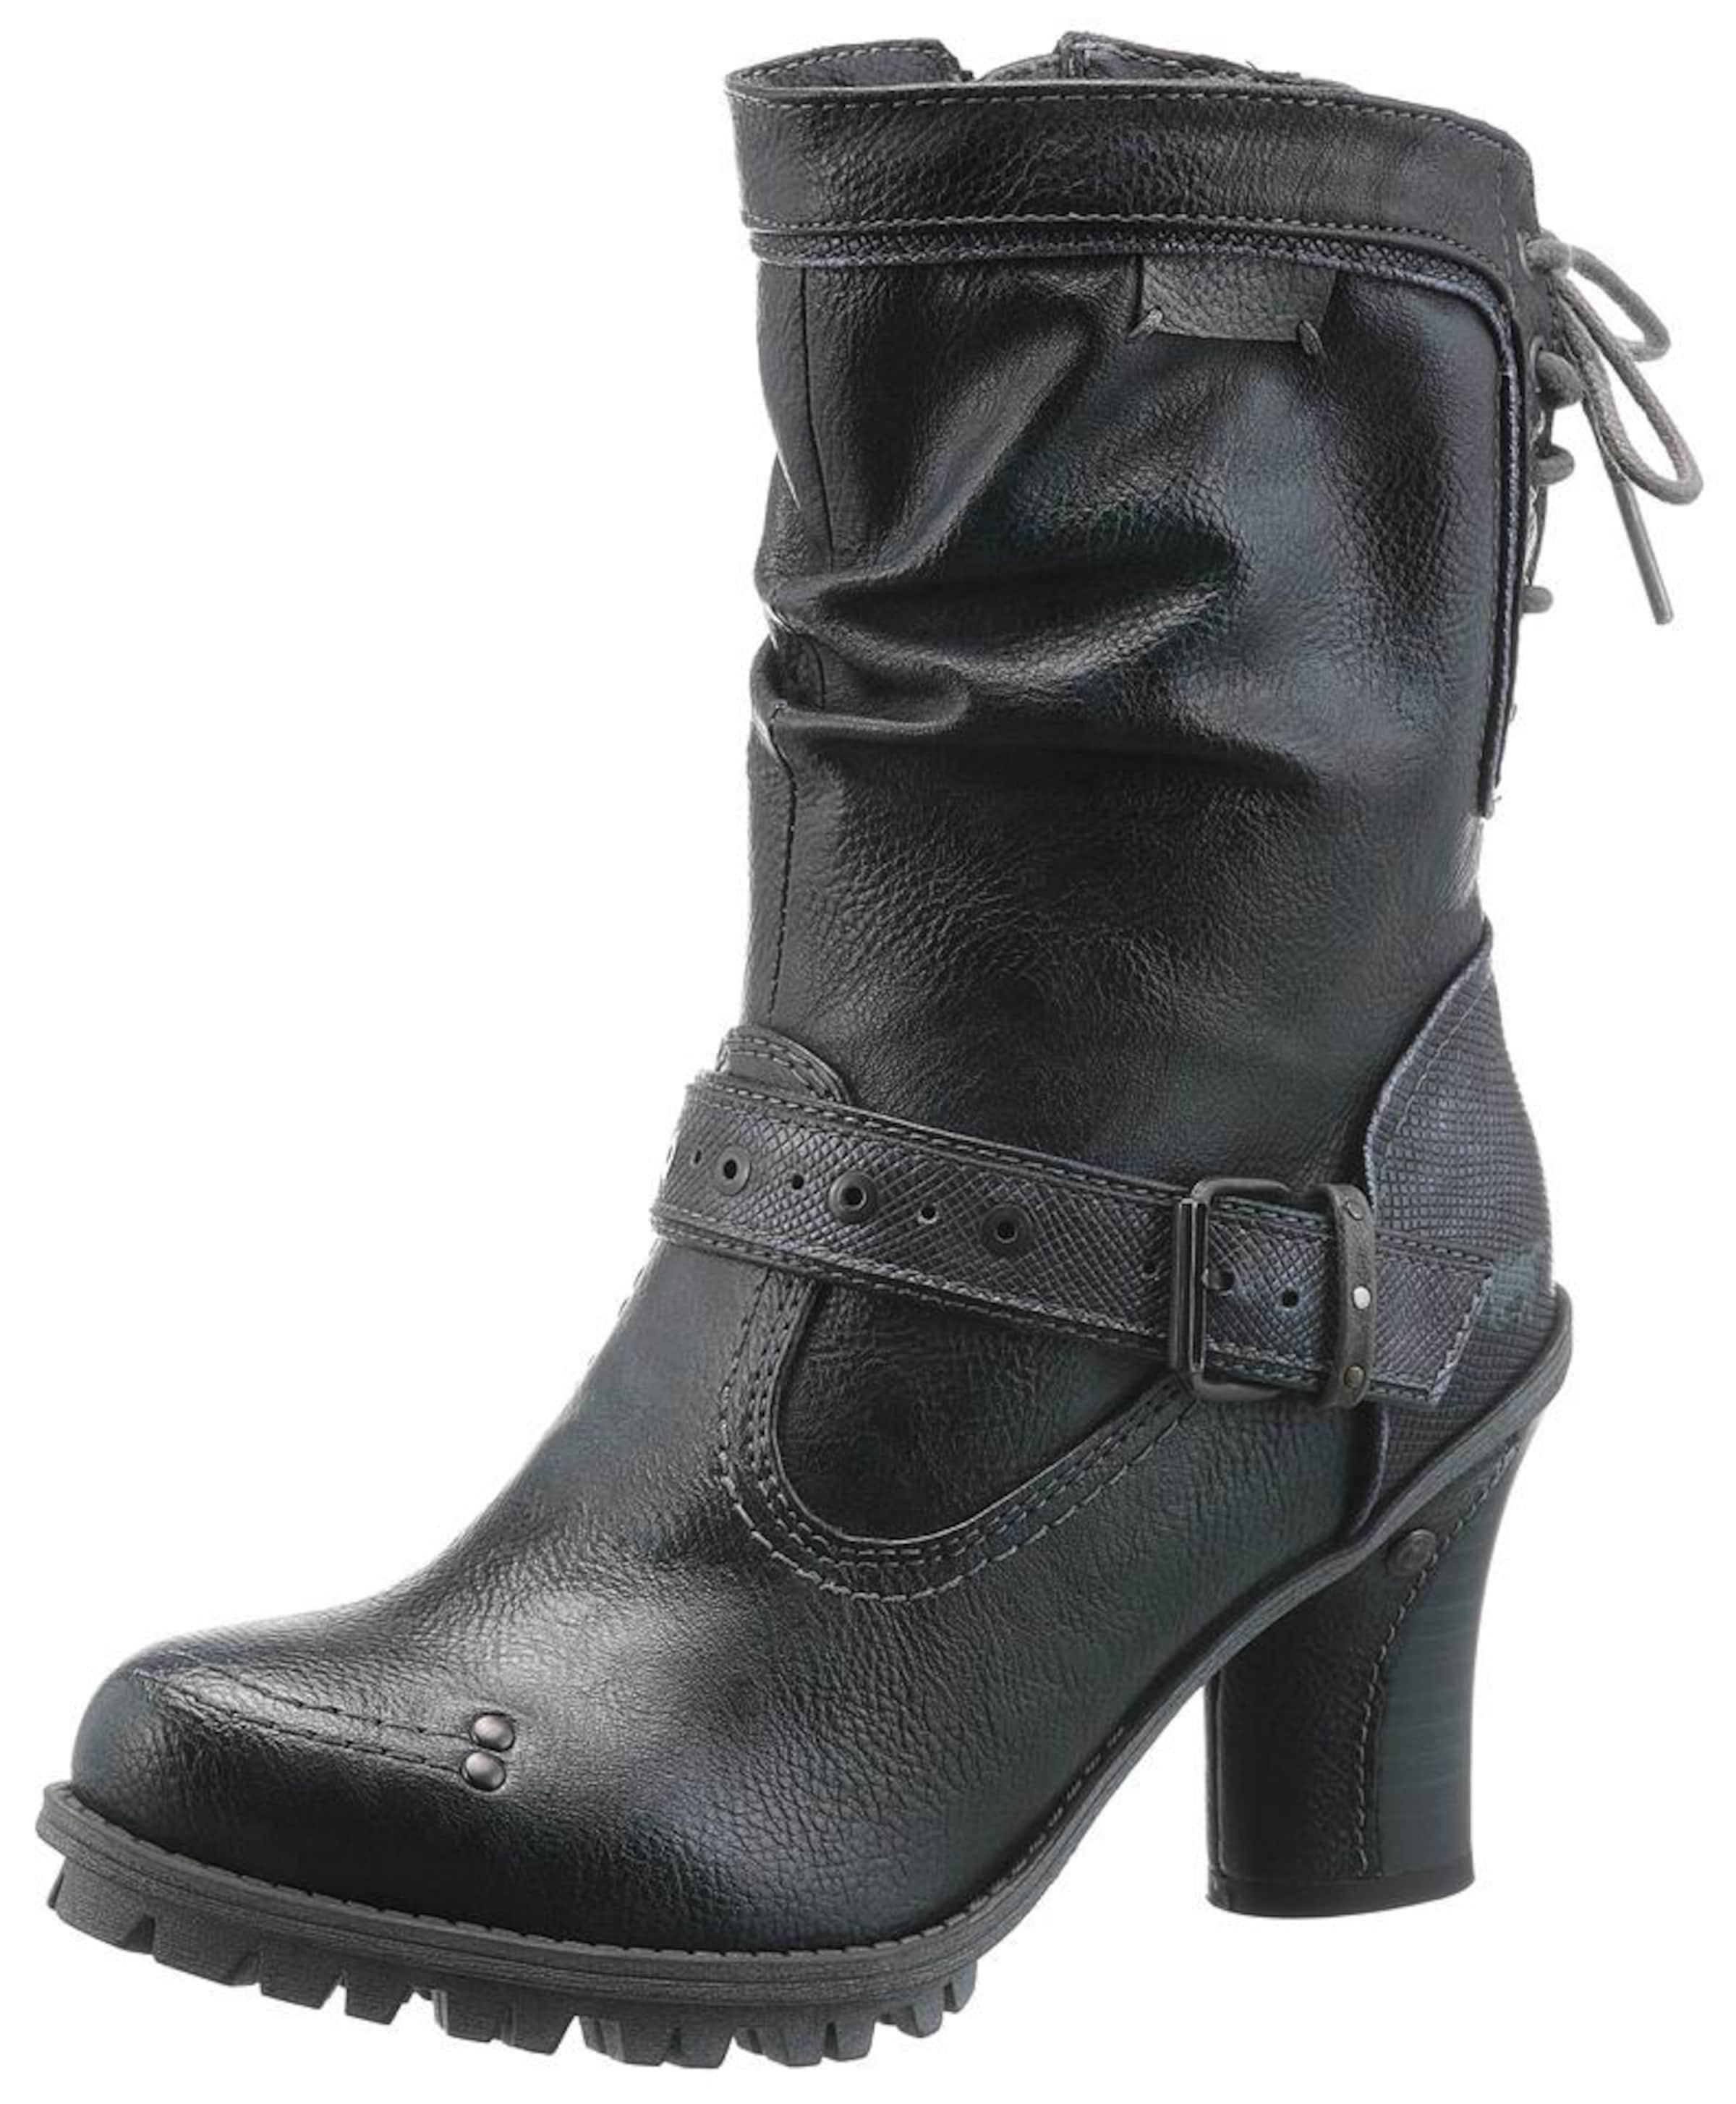 MUSTANG Shoes Schnürstiefel Verschleißfeste billige Schuhe